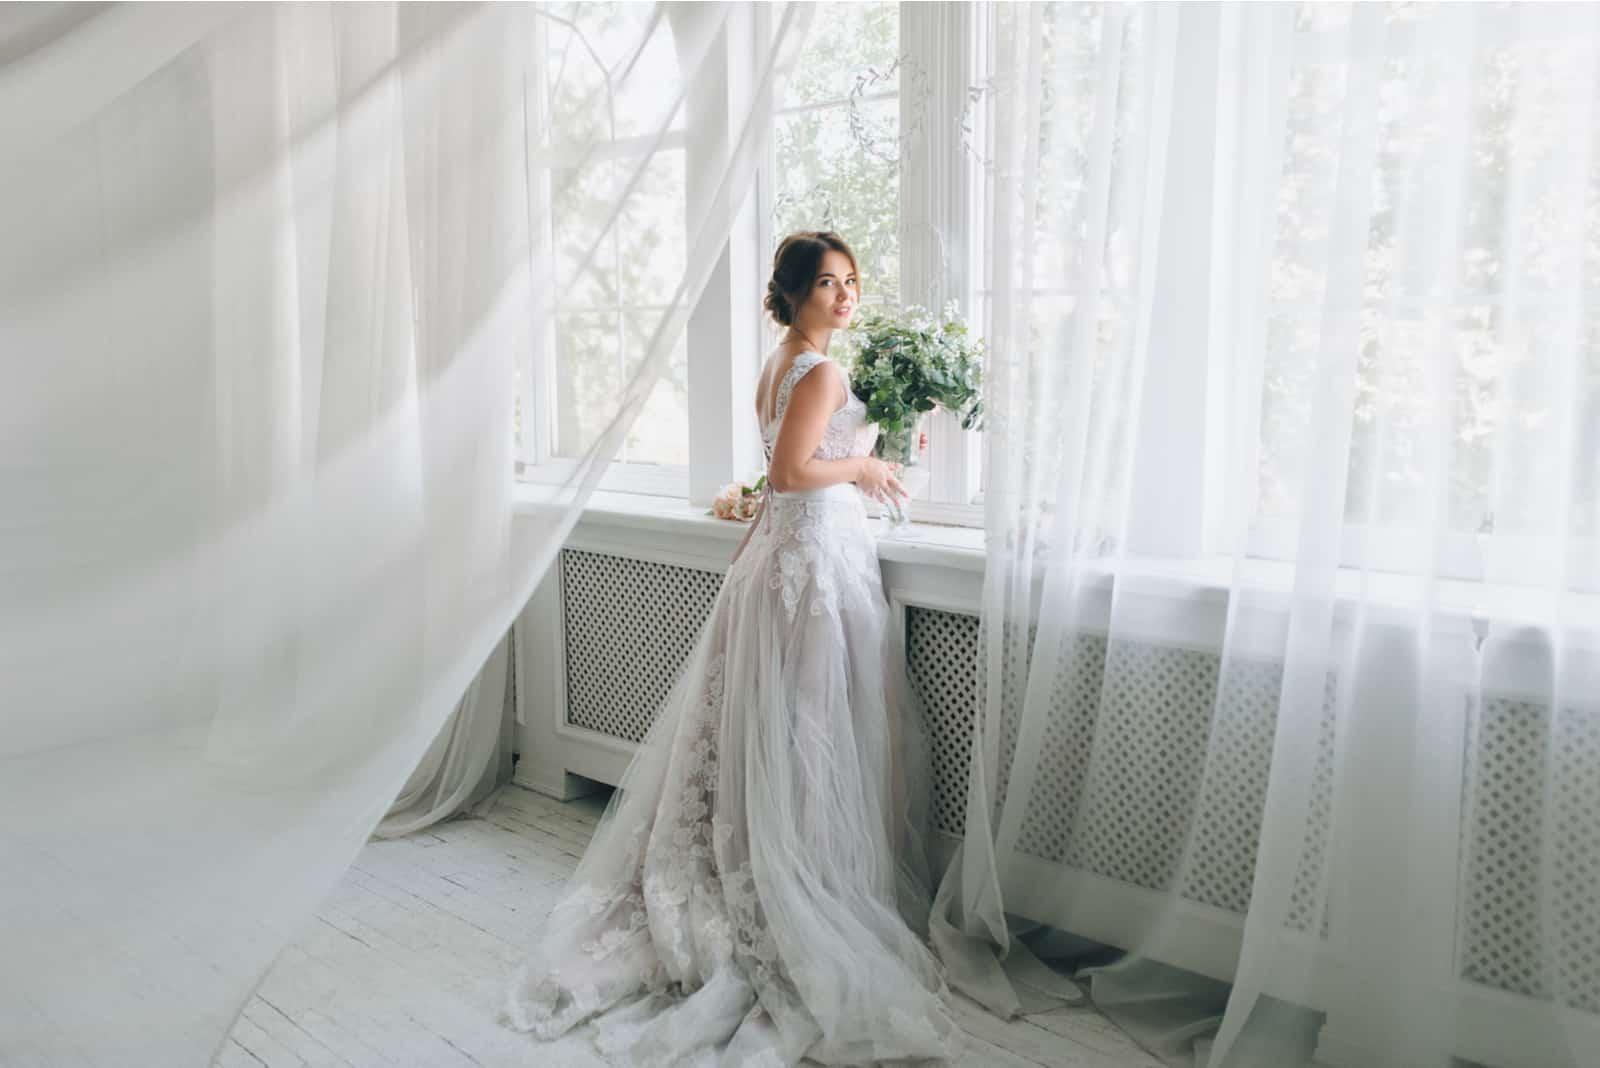 schöne Braut in einem schönen Hochzeitskleid